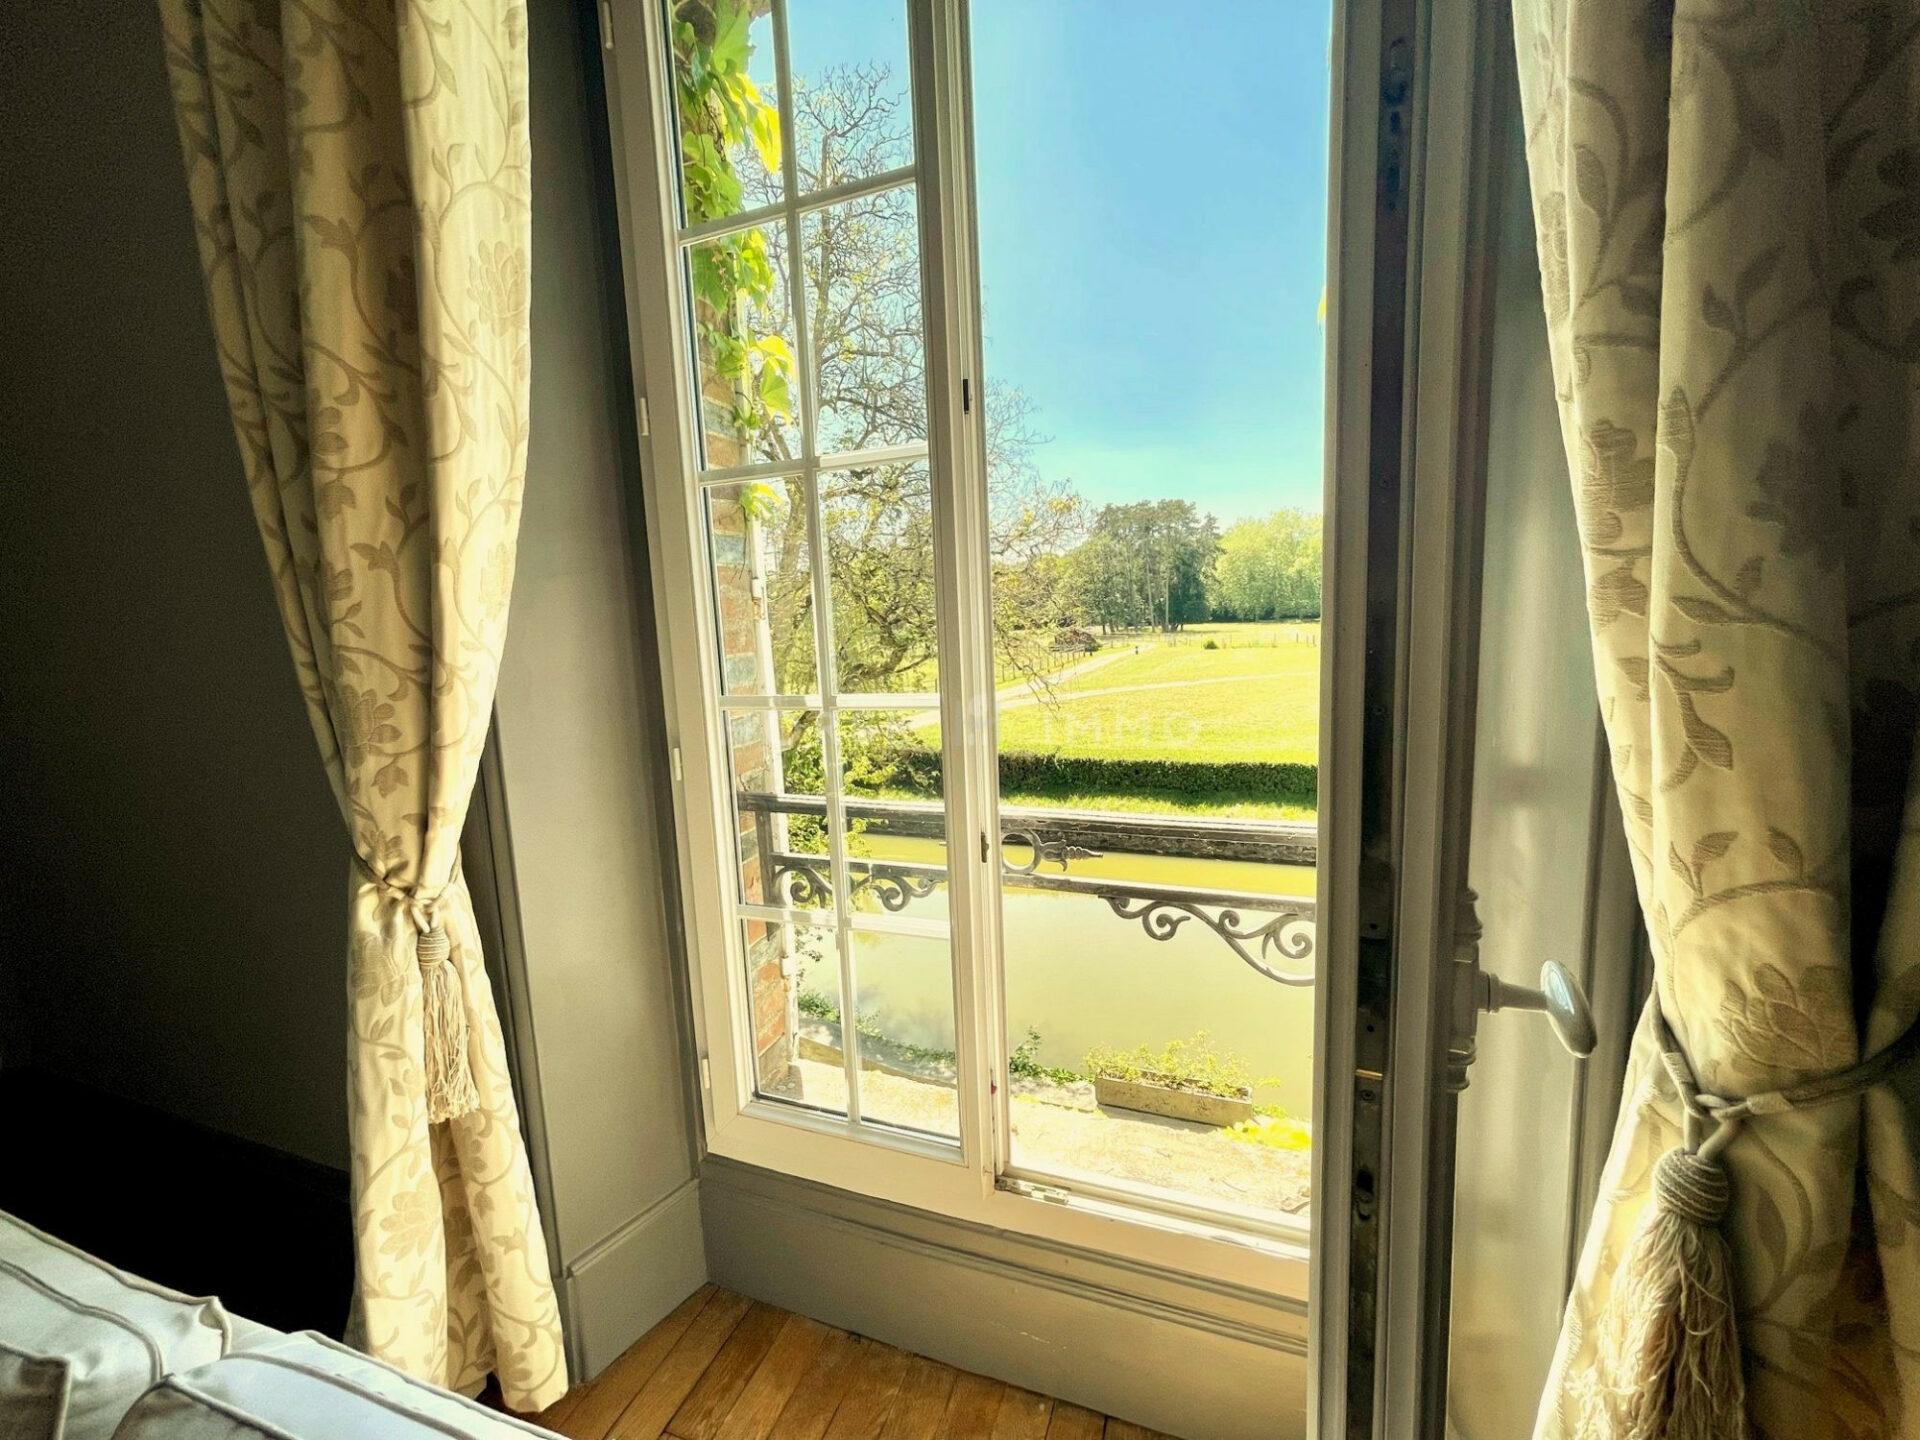 1624020495 VM682 11 original 1920x1440 - Superbe Manoir équestre à 20 minutes de Fontainebleau